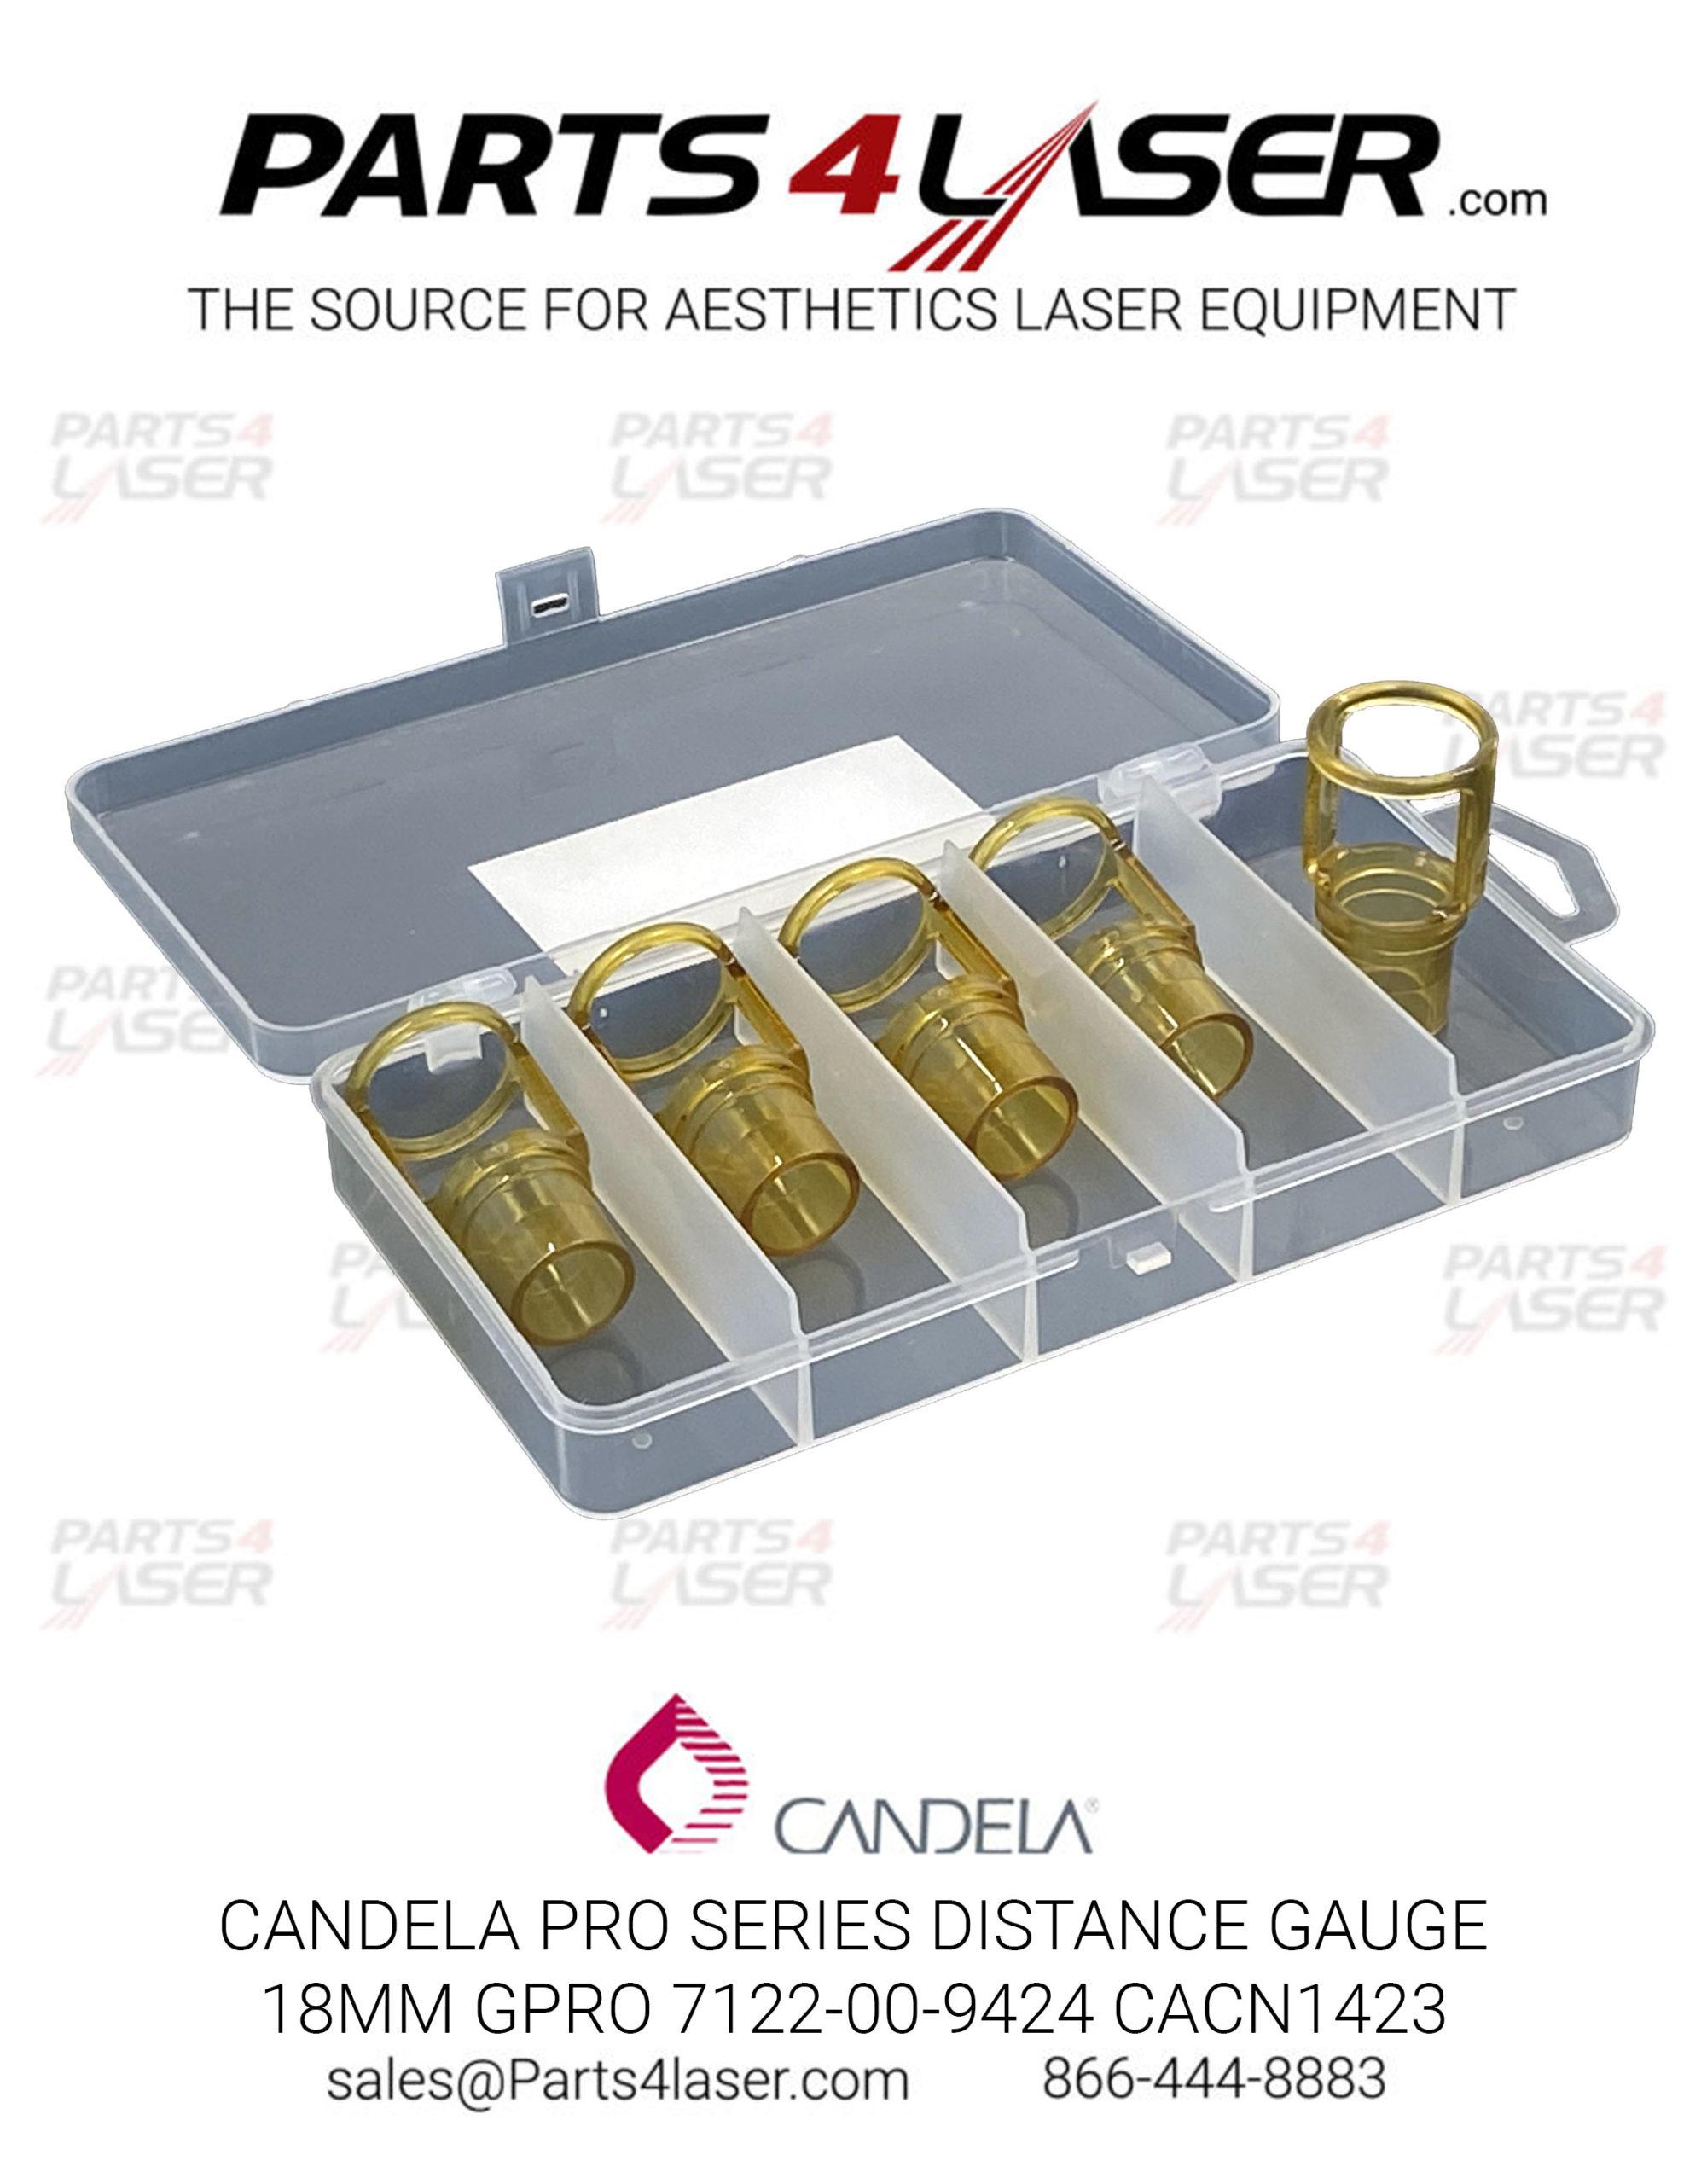 1x gasdüse plus 24 para caña Ø 17 mm acoplables cilíndrico Ø = 17,0 mm L = 63 mm